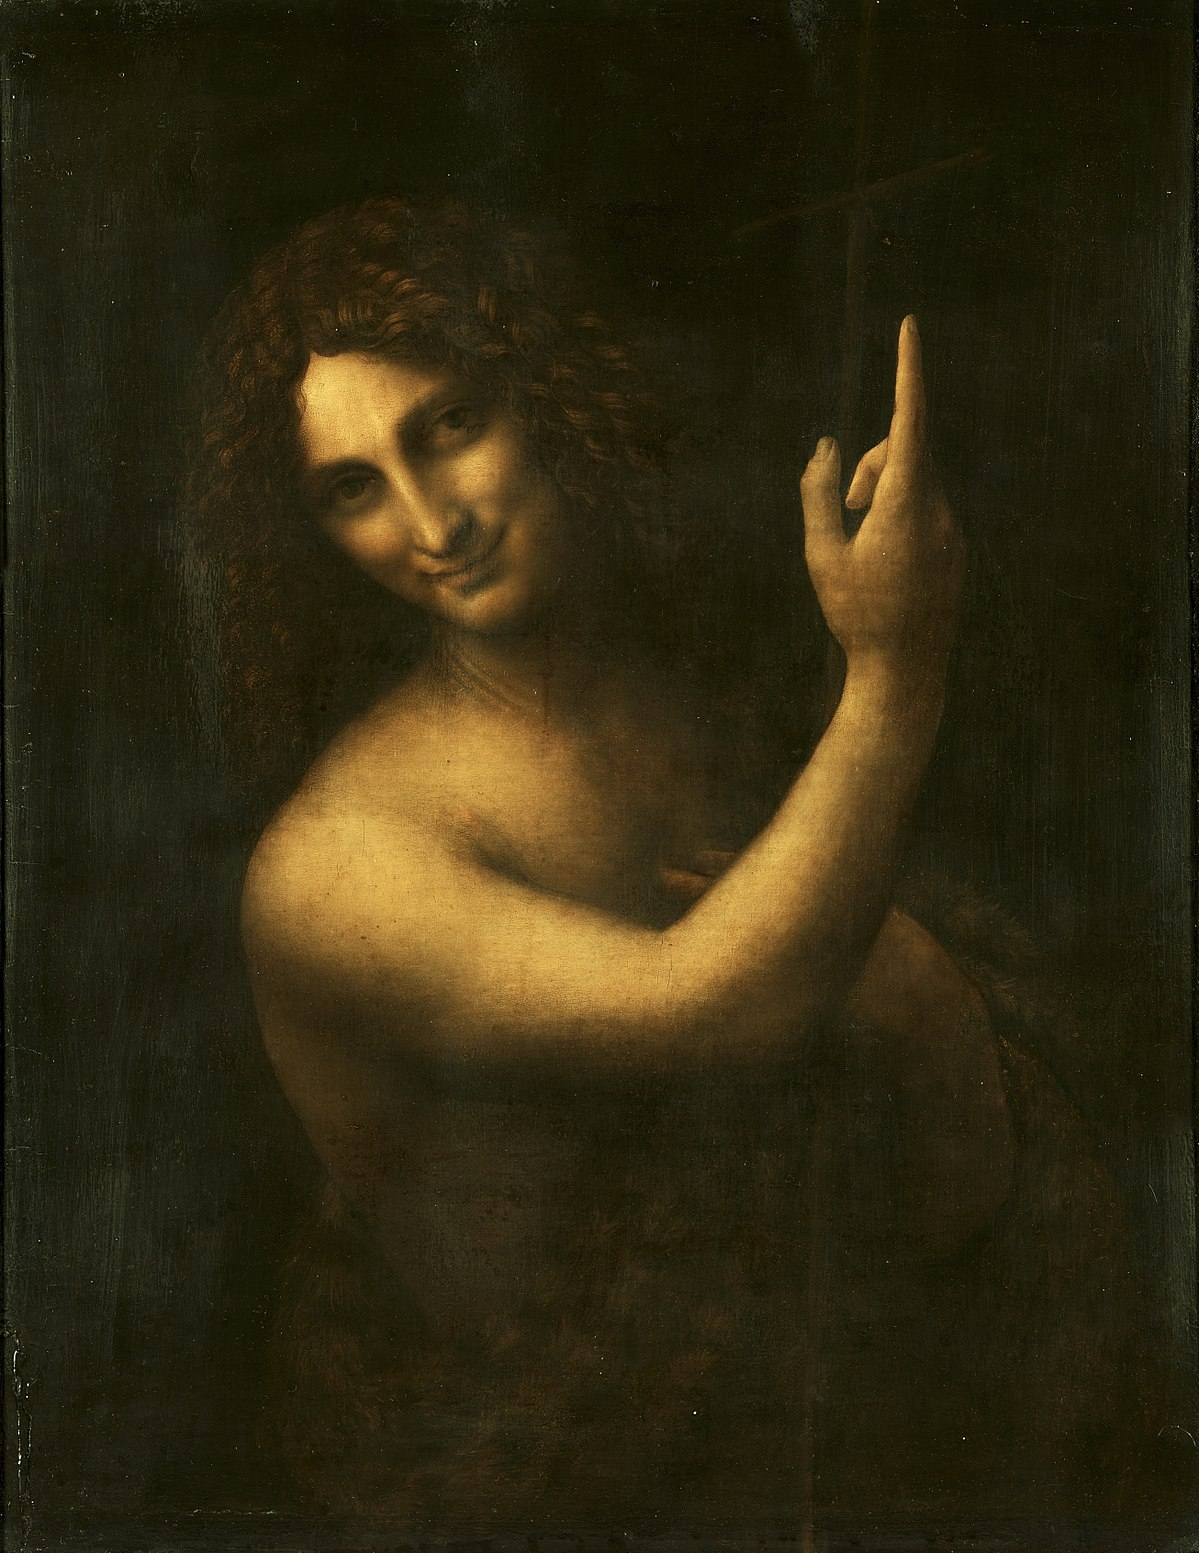 Леонардо да Винчи: интересные факты, неожиданные открытия и самые популярные картины художника - фото №9